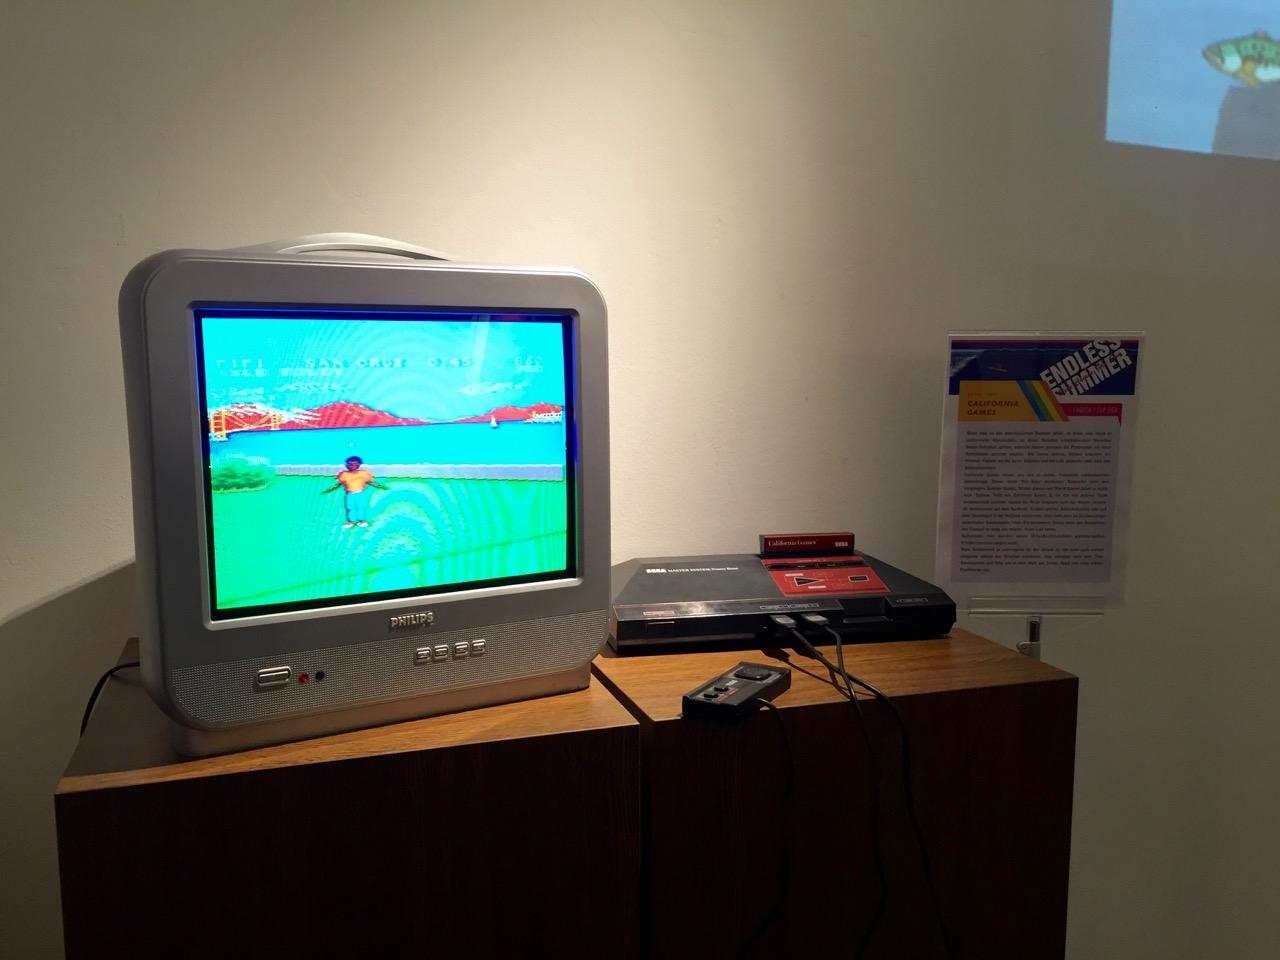 """California Games auf dem SEGA Master System im Rahmen der """"Endless Summer"""" Sonderausstellung im Sommer 2015. (Bild: André Eymann)"""